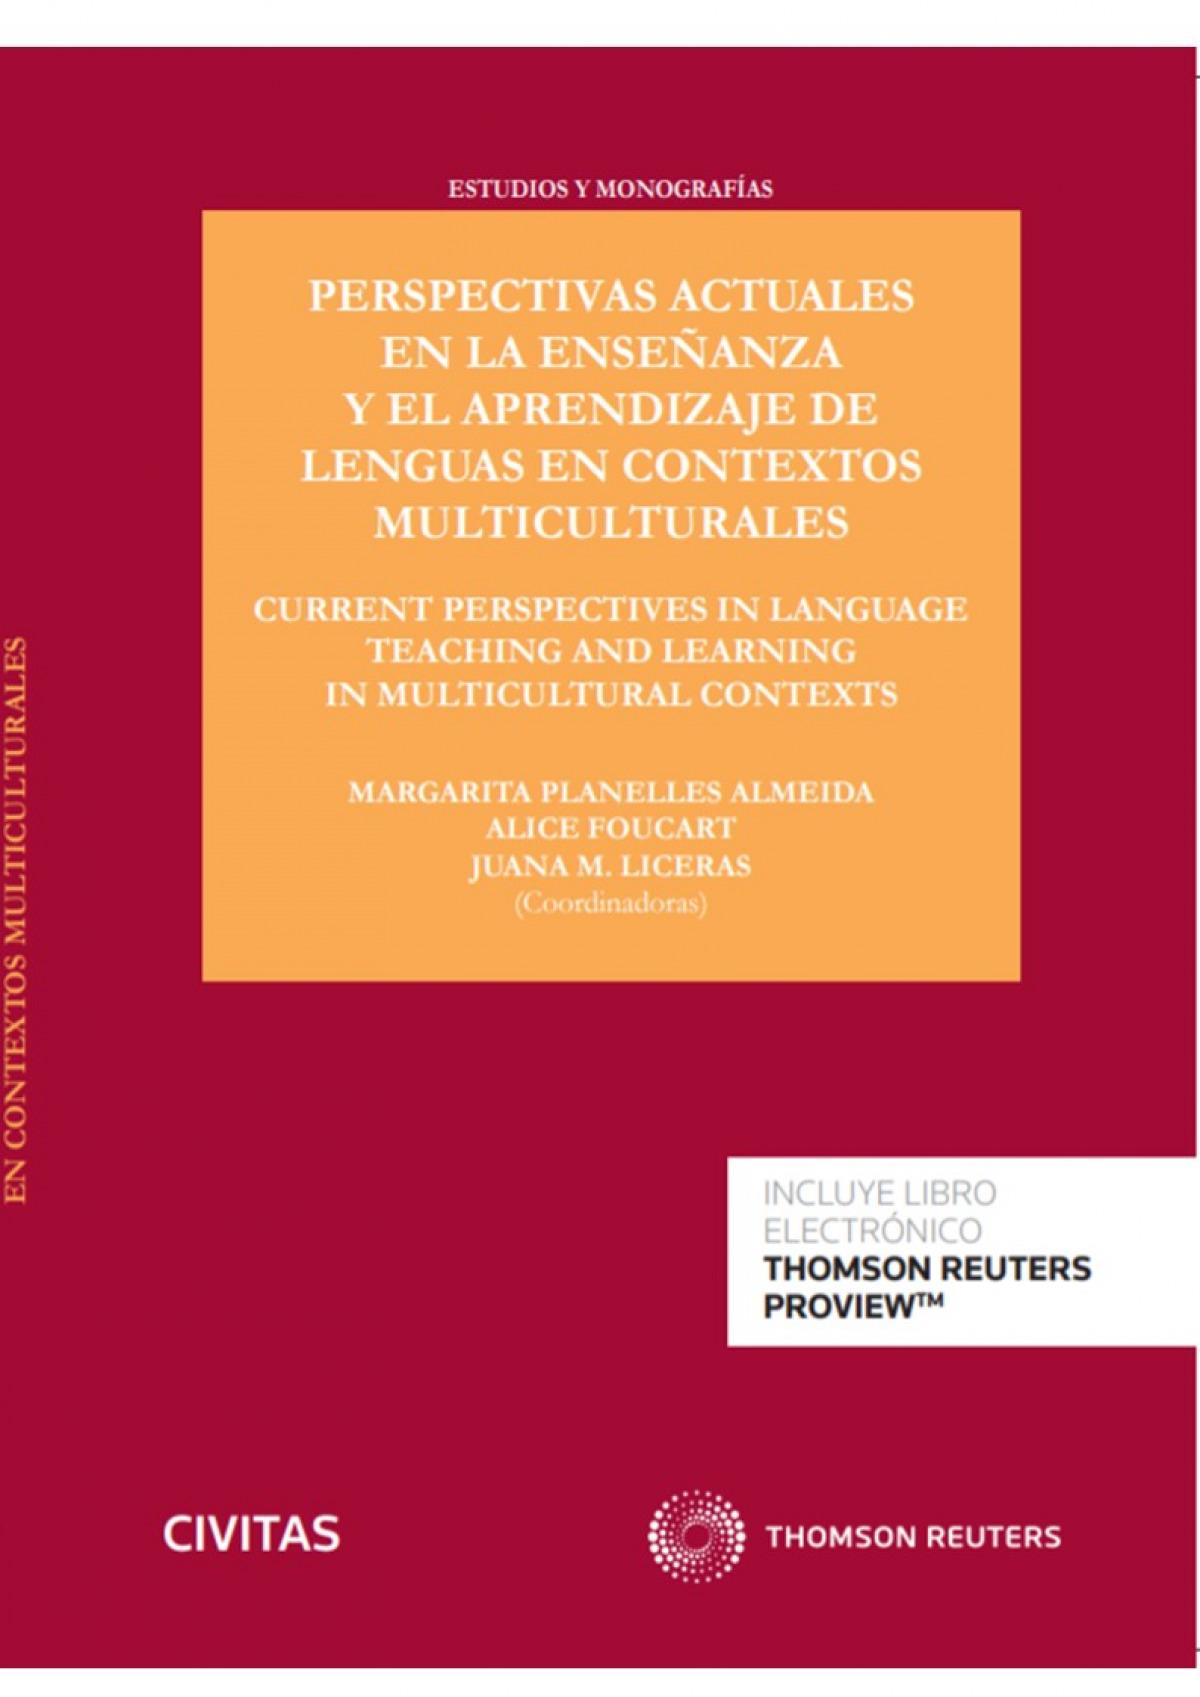 Perspectivas actuales en la enseñanza y el aprendizaje de lenguas